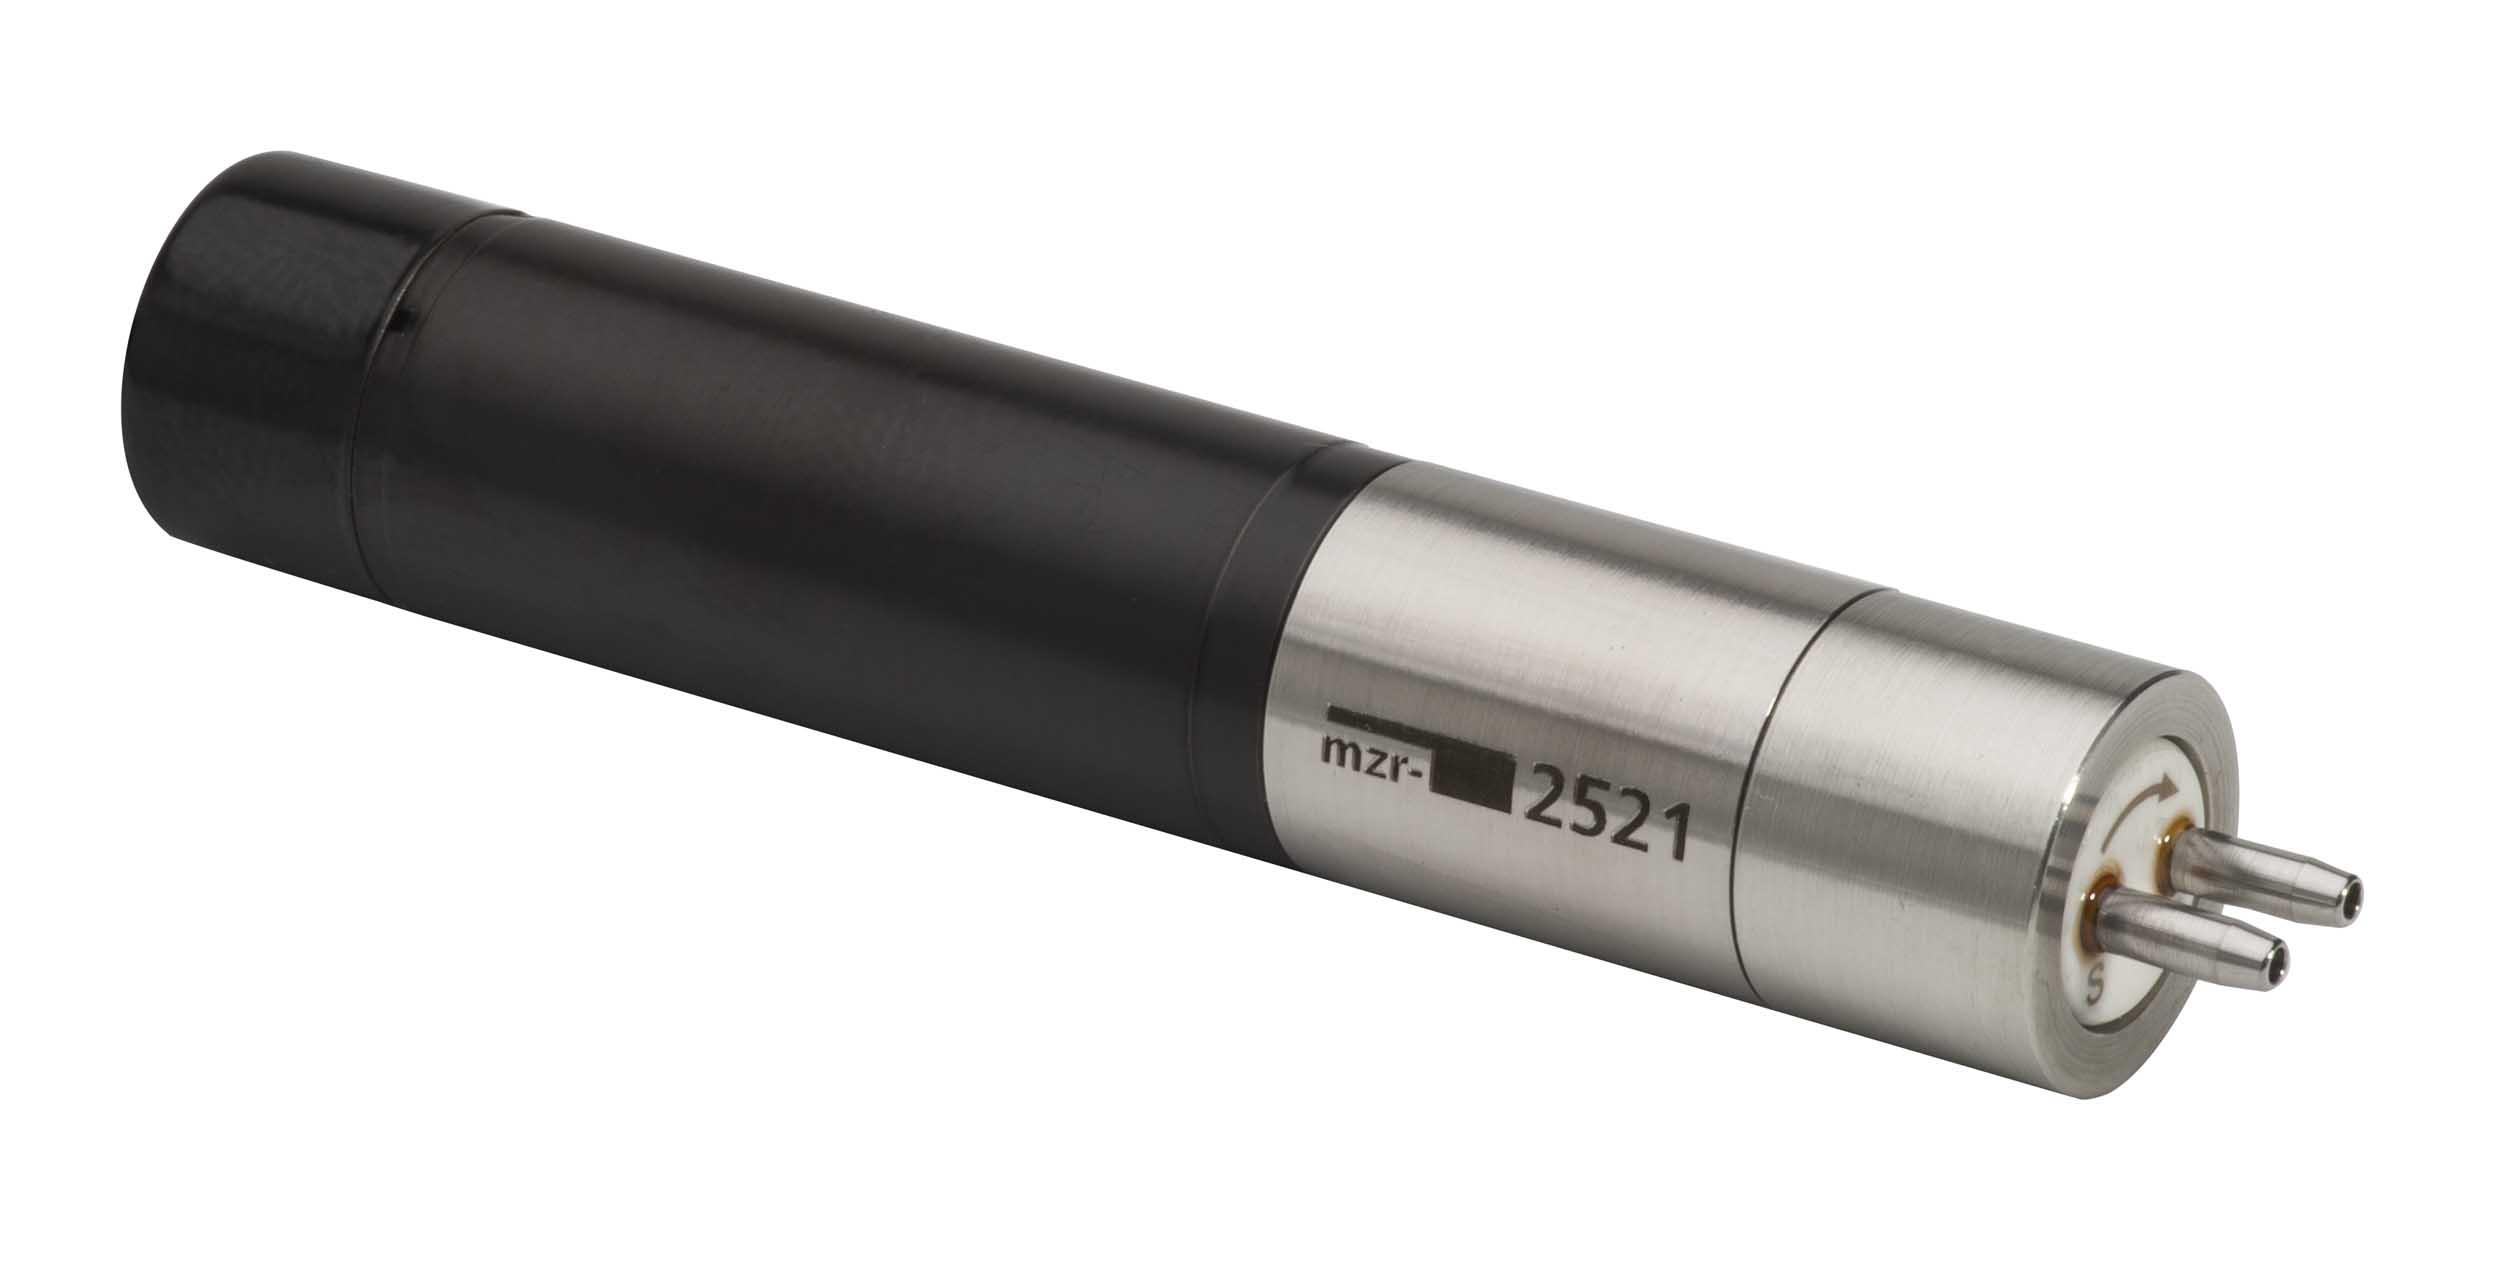 low_pressure_pump_series_mzr-2521.jpg